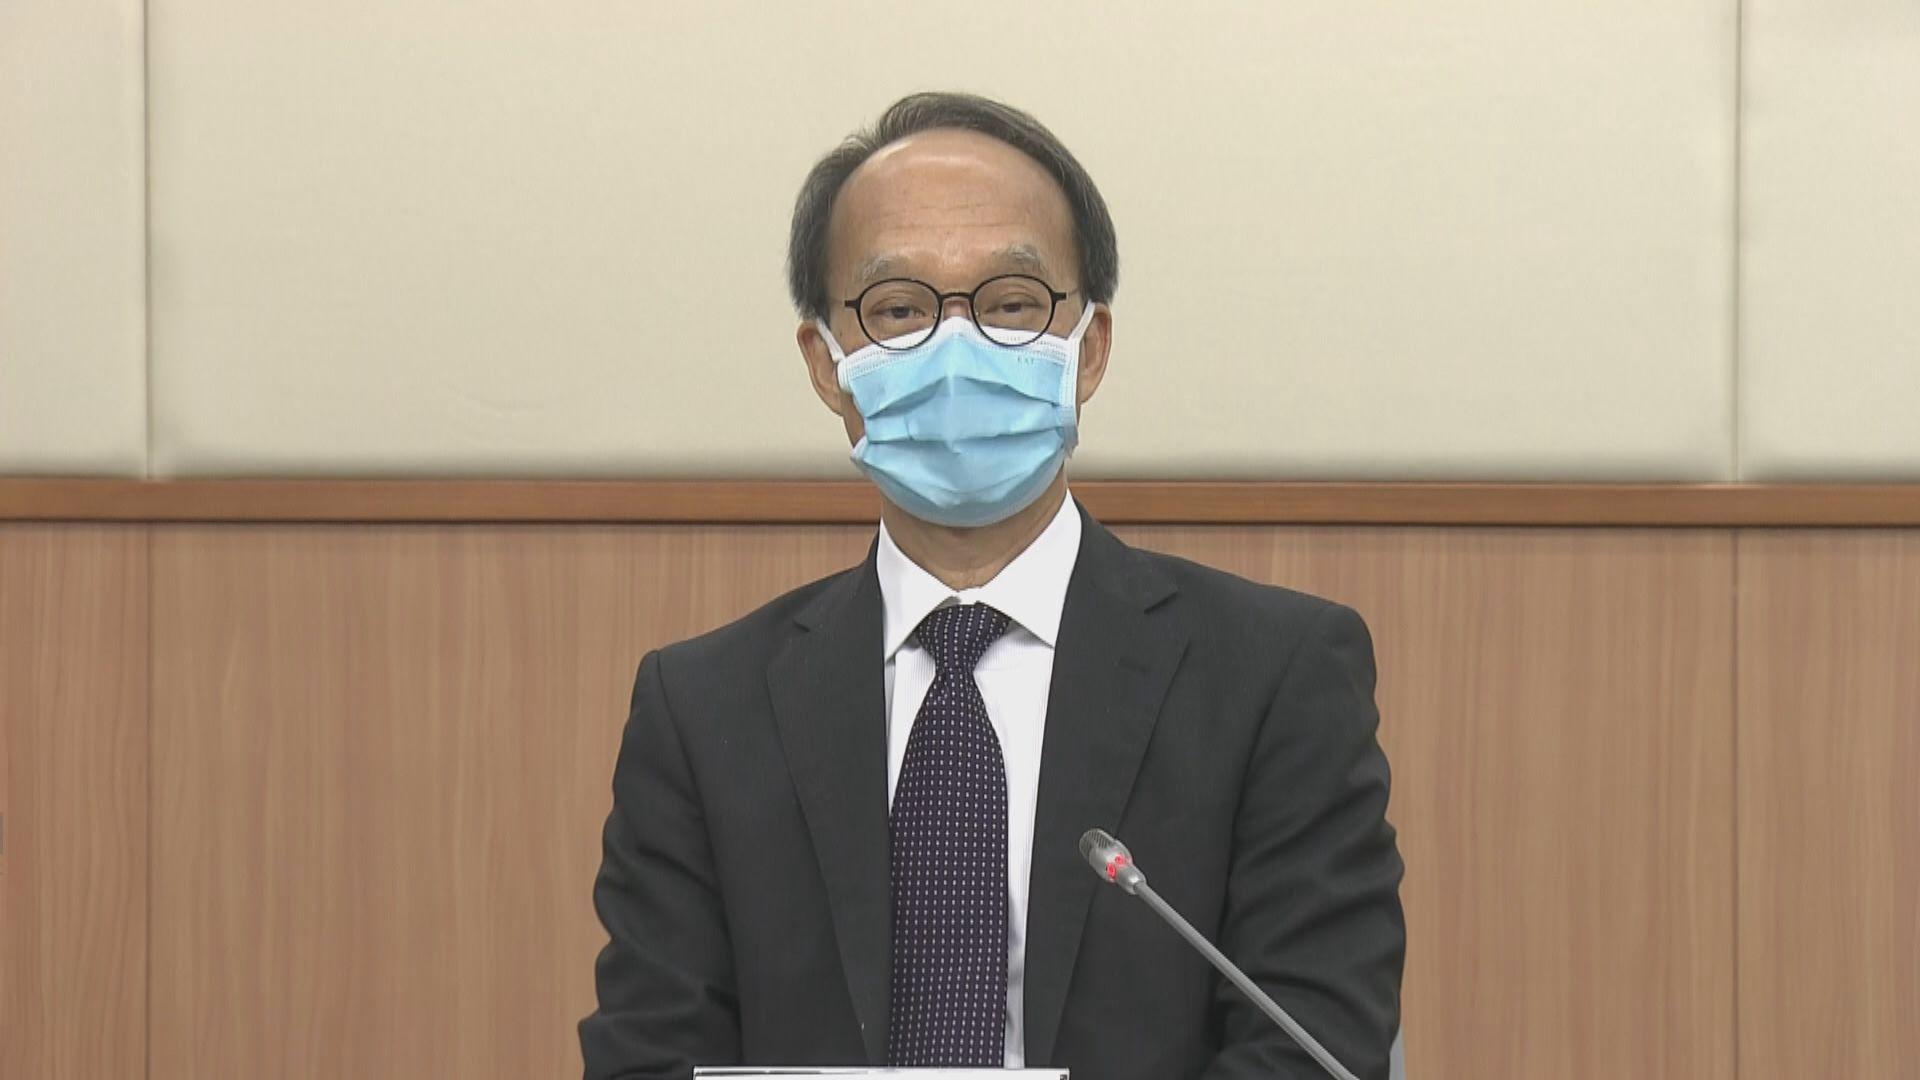 劉宇隆期望未來一至兩周開始接種第三針新冠疫苗